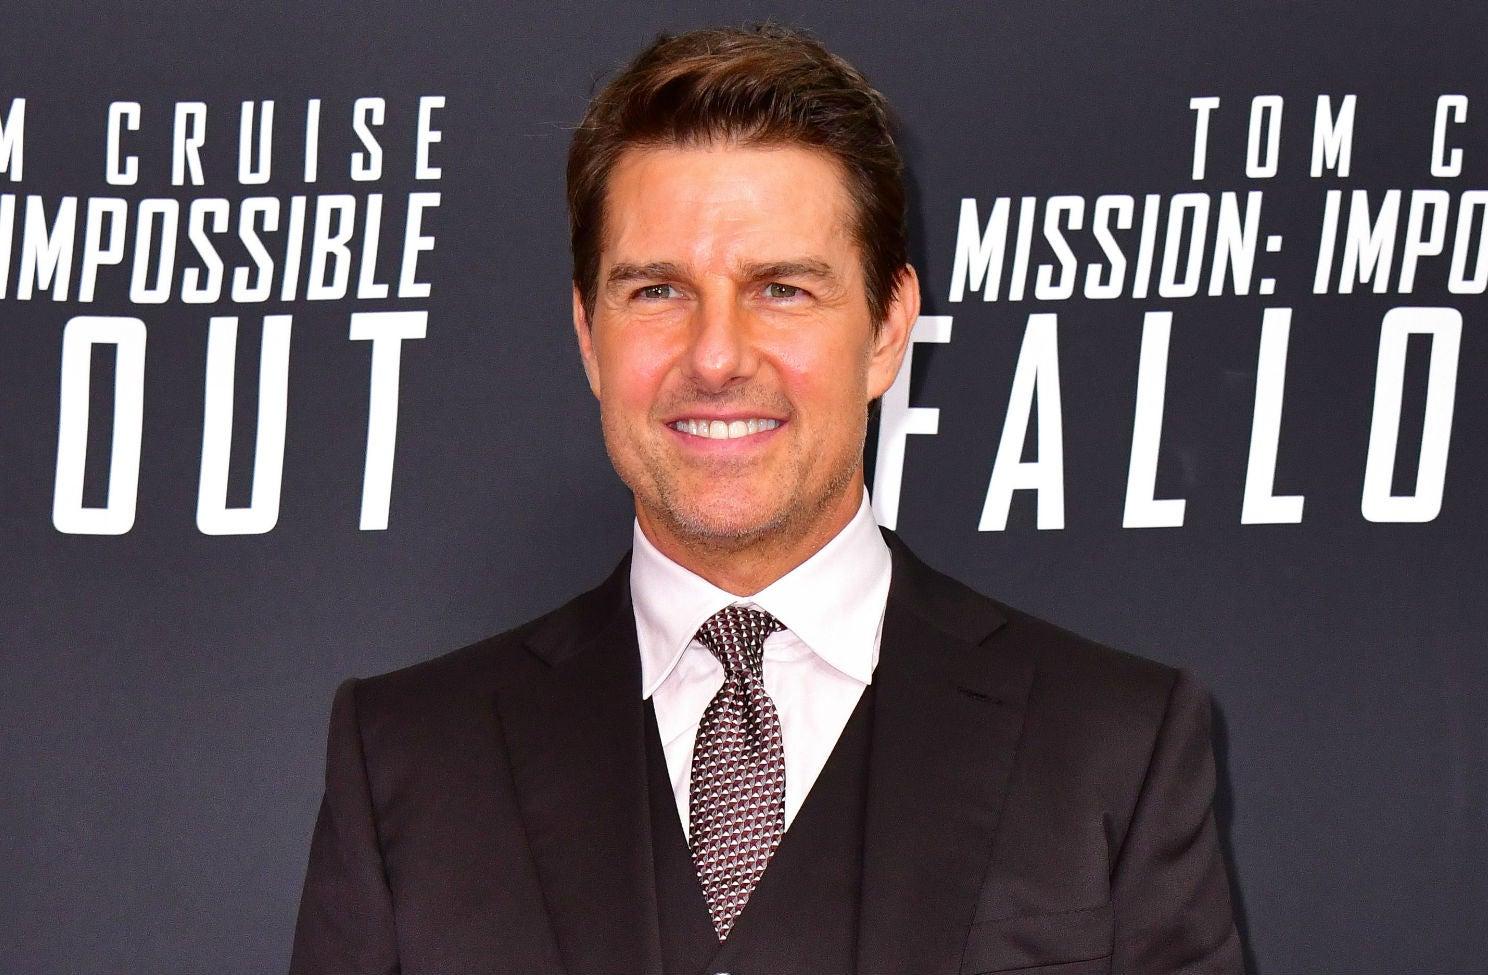 """Tom Cruise : Thandie Newton révèle avoir eu peur du comédien sur le tournage de """"Mission: Impossible 2""""."""